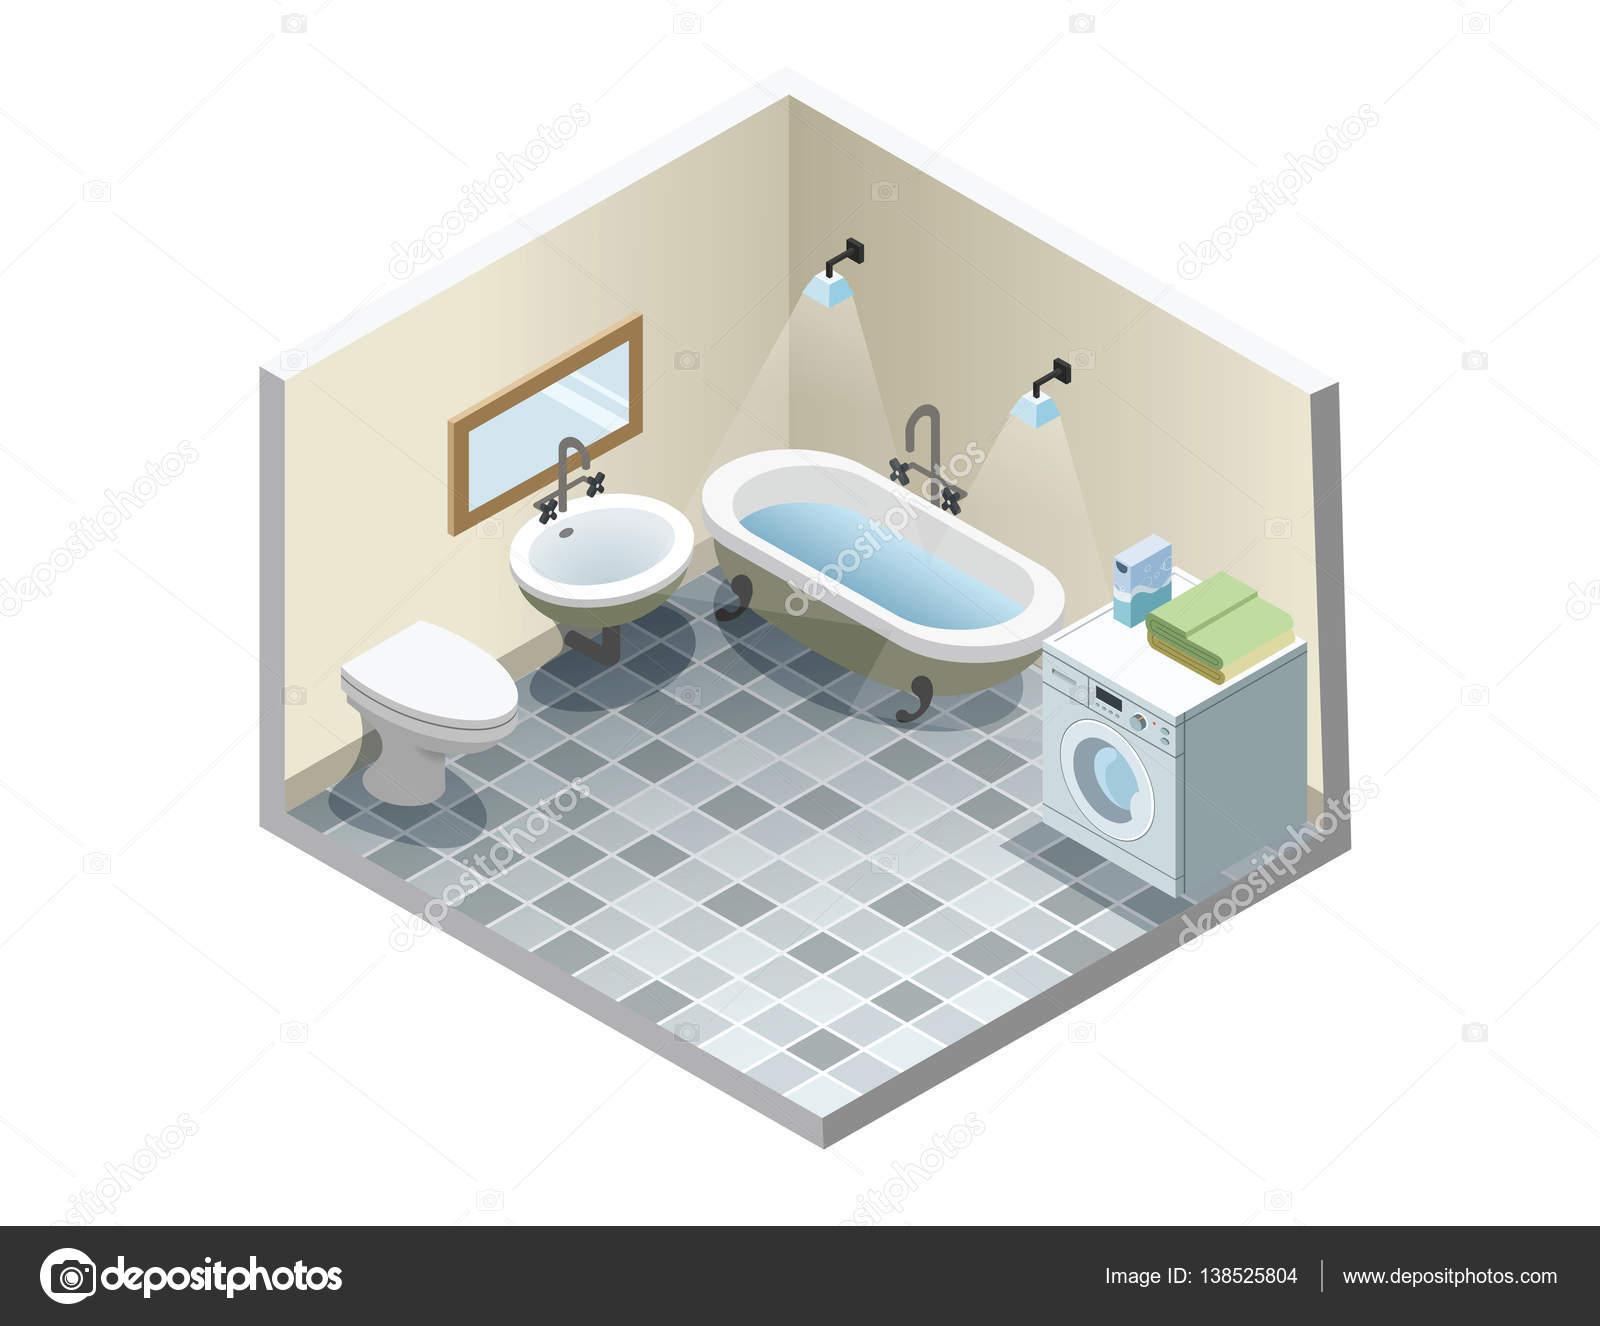 https://st3.depositphotos.com/8643096/13852/v/1600/depositphotos_138525804-stockillustratie-vector-isometrische-badkamer-set-van.jpg